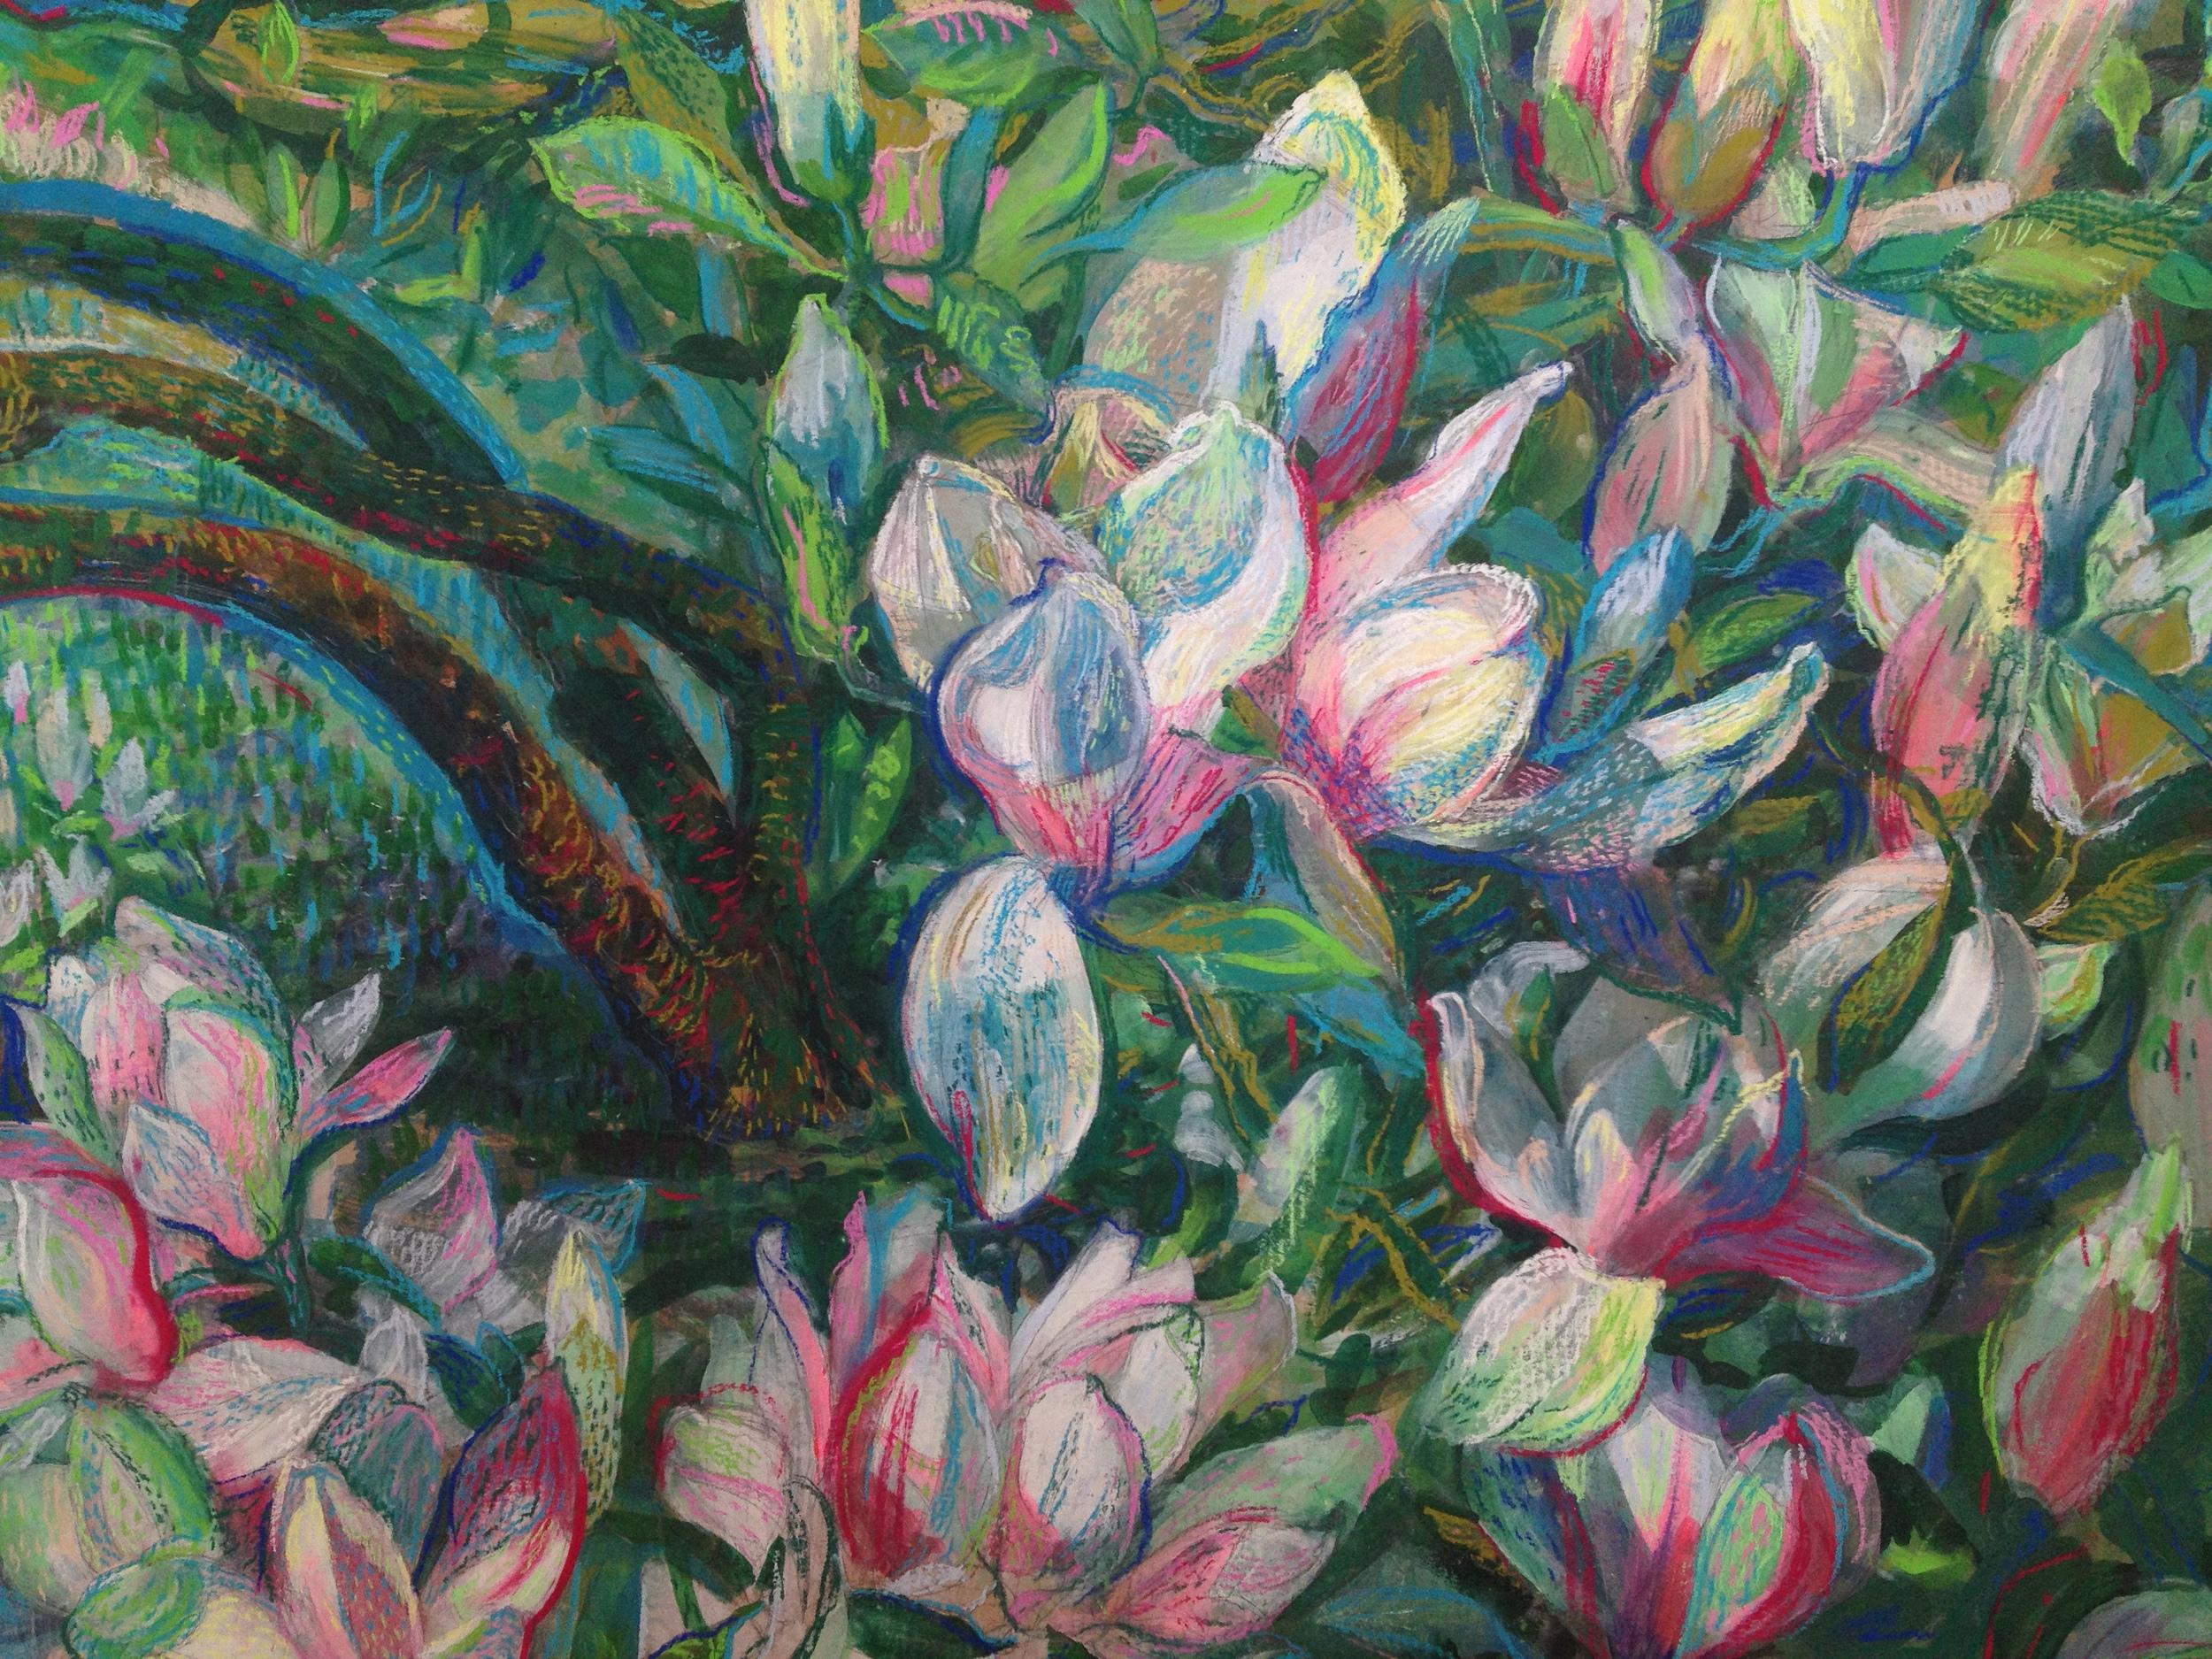 Magnolia. Details